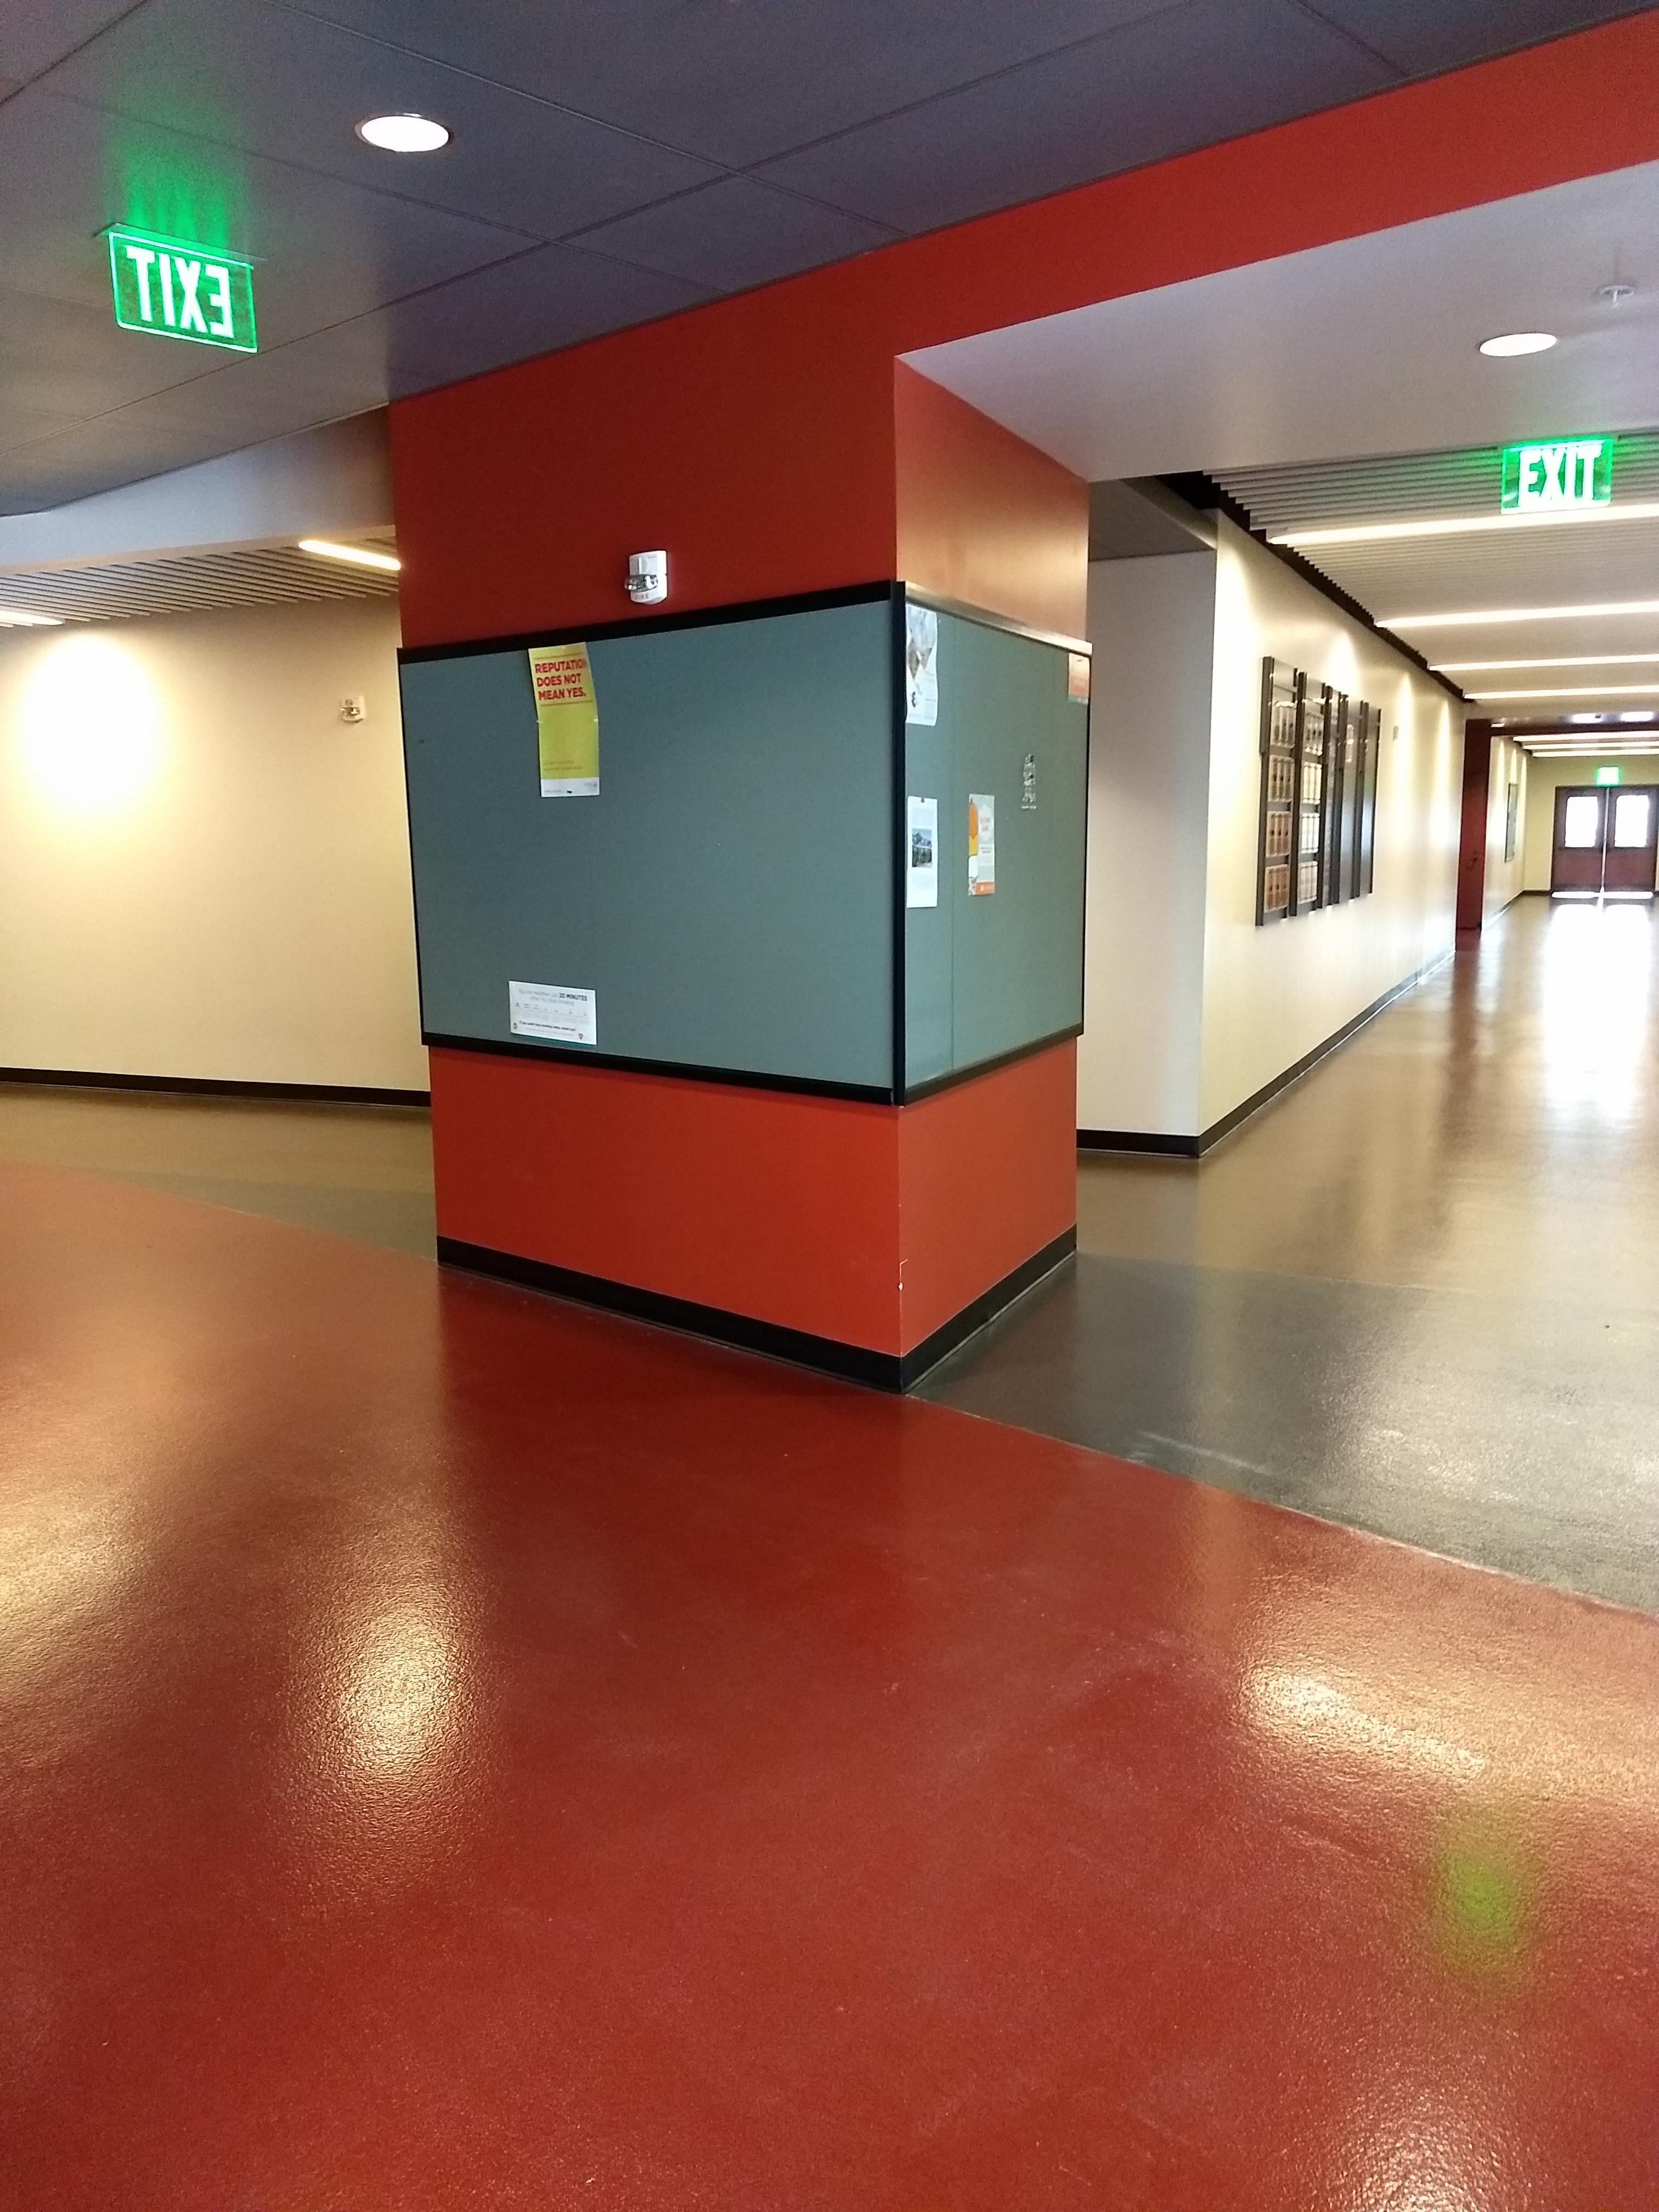 4th floor quad board at entrance next to elevators